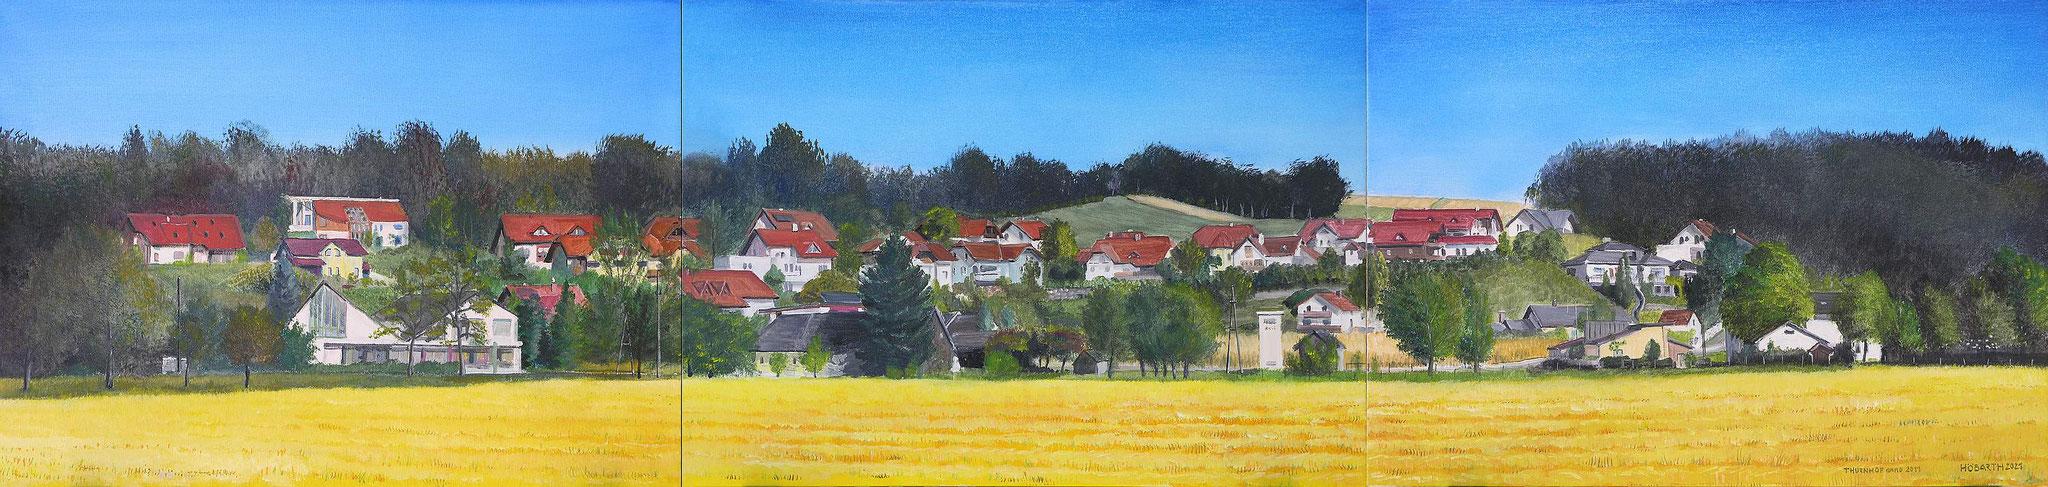 """Wandgestaltung """"Sommer in Thurnhof anno 2011"""""""